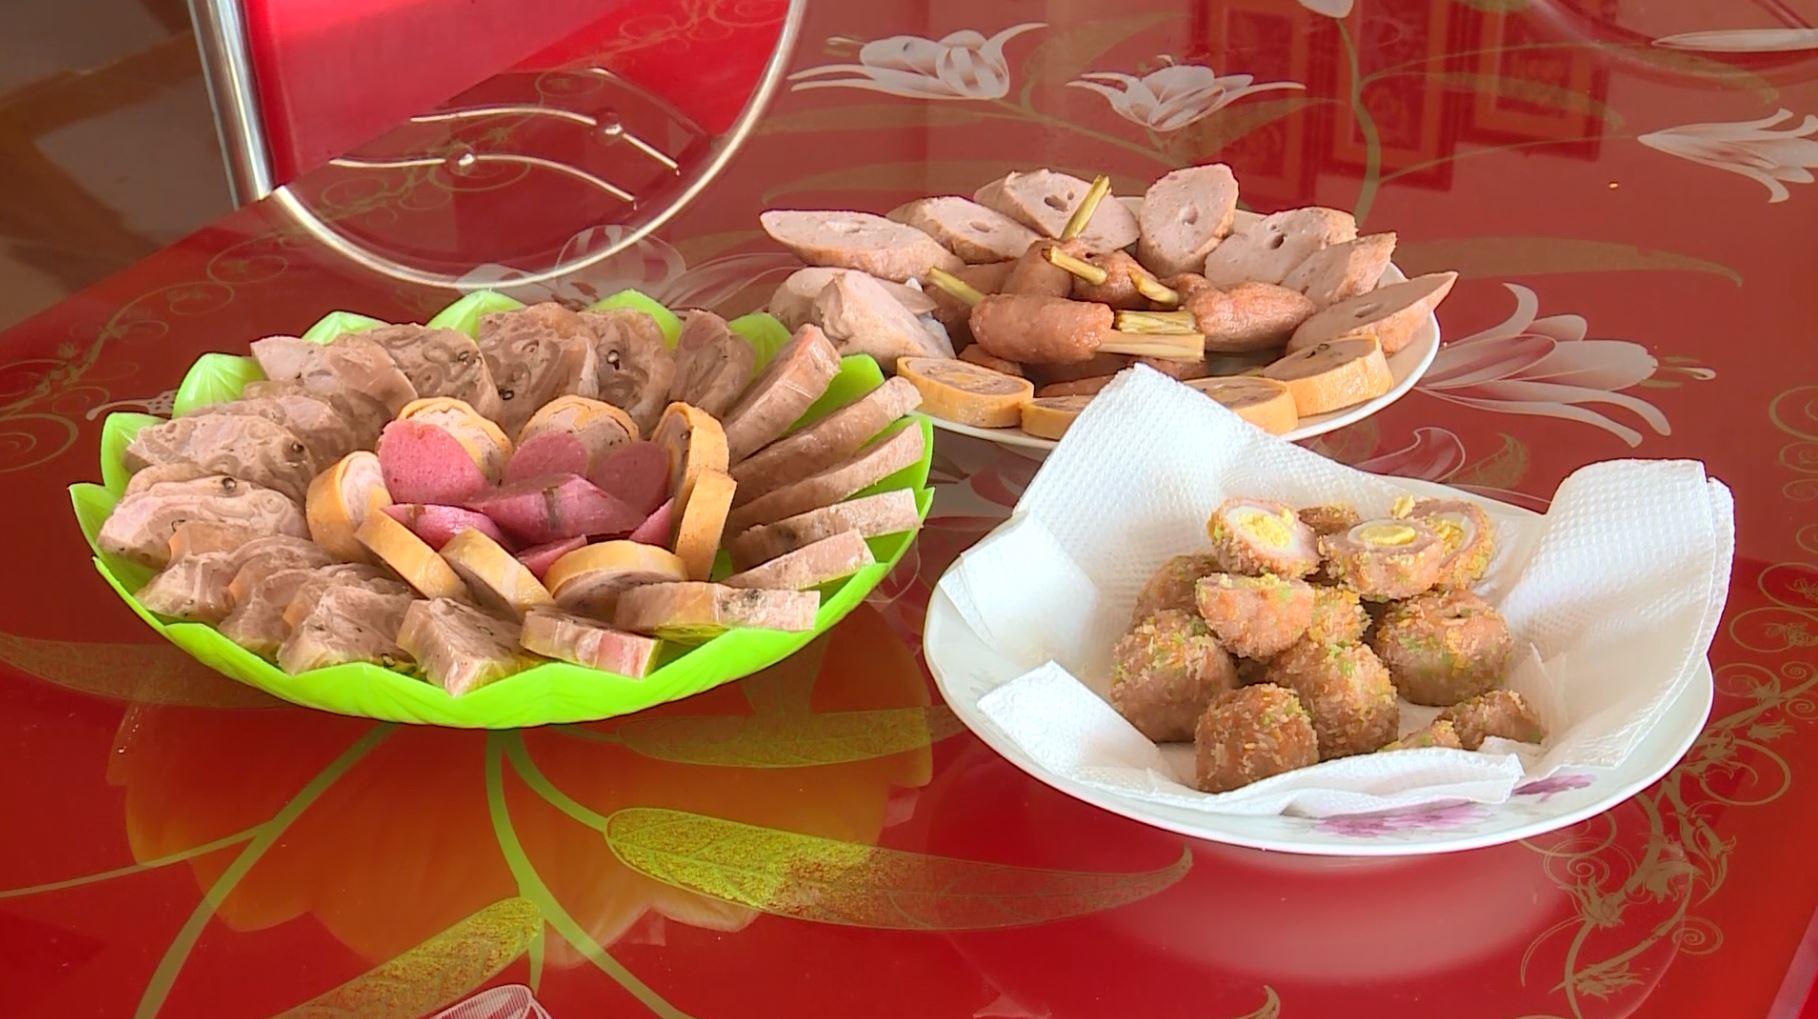 Nem chả ngày Tết - Nét đặc trưng văn hóa ẩm thực Việt